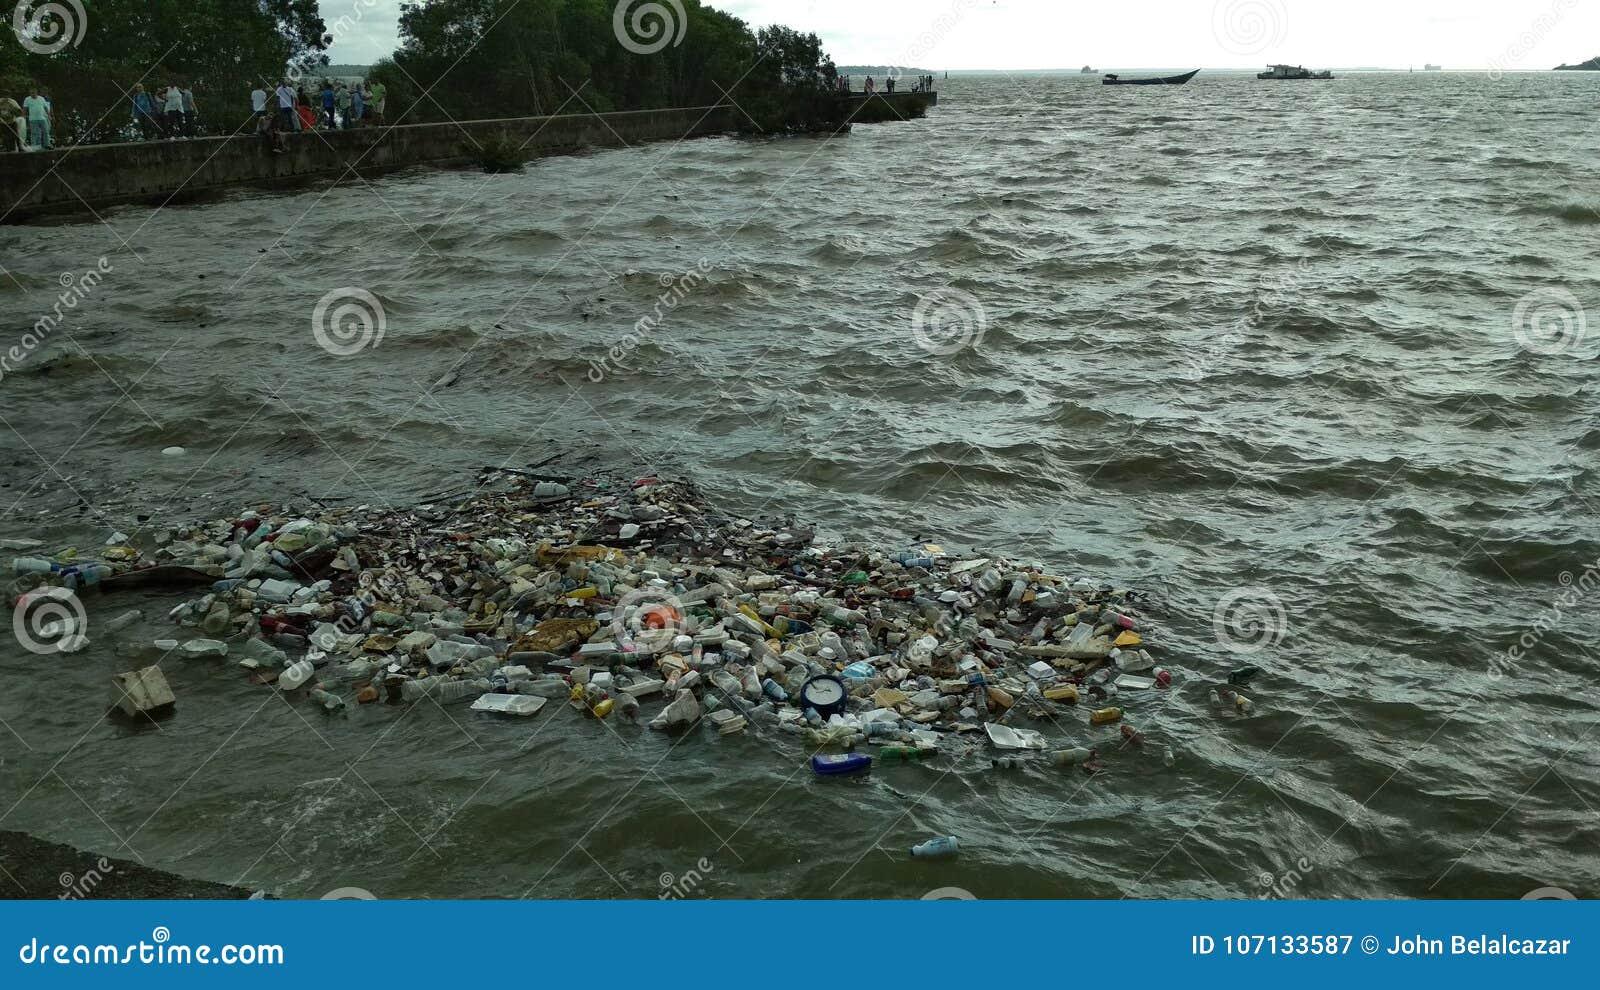 Sea contamination